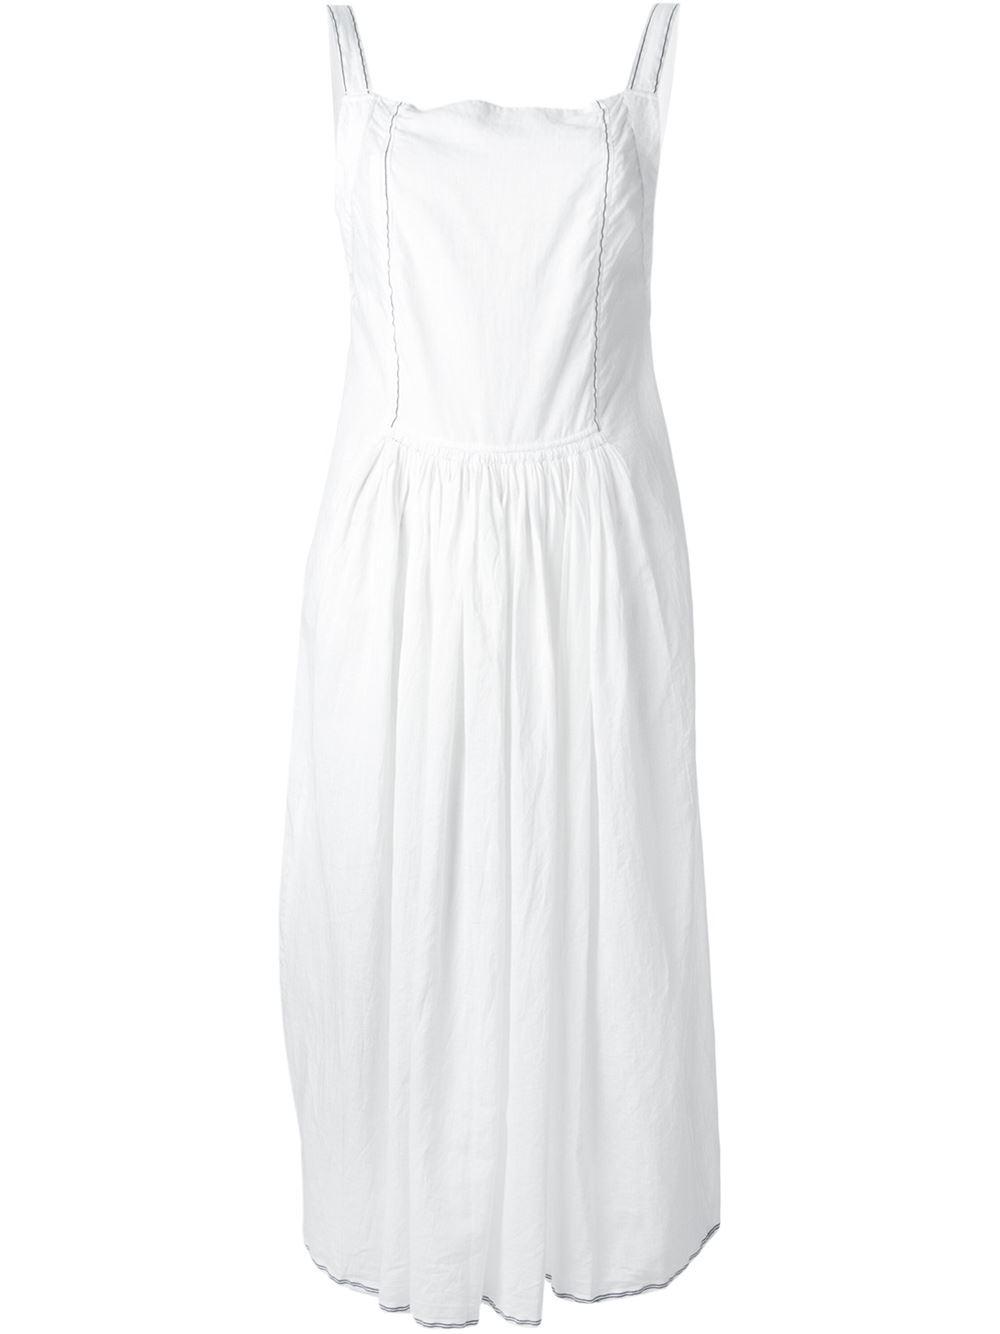 White apron brighton - Gallery